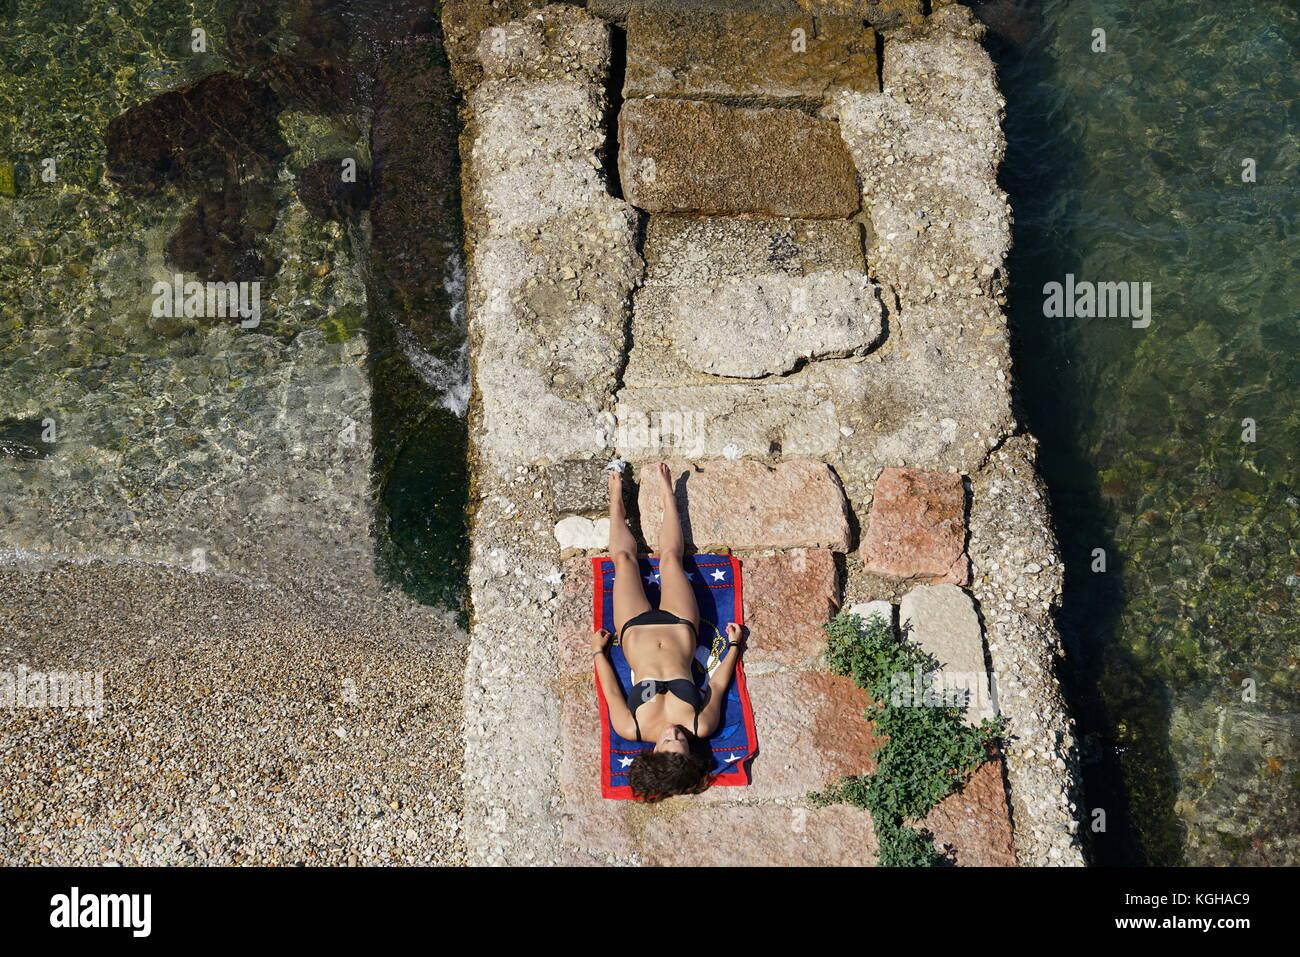 Corf Grecia Lady Sdraiati Sulla Spiaggia A Prendere Il Sole Per Abbronzare La Sua Pelle